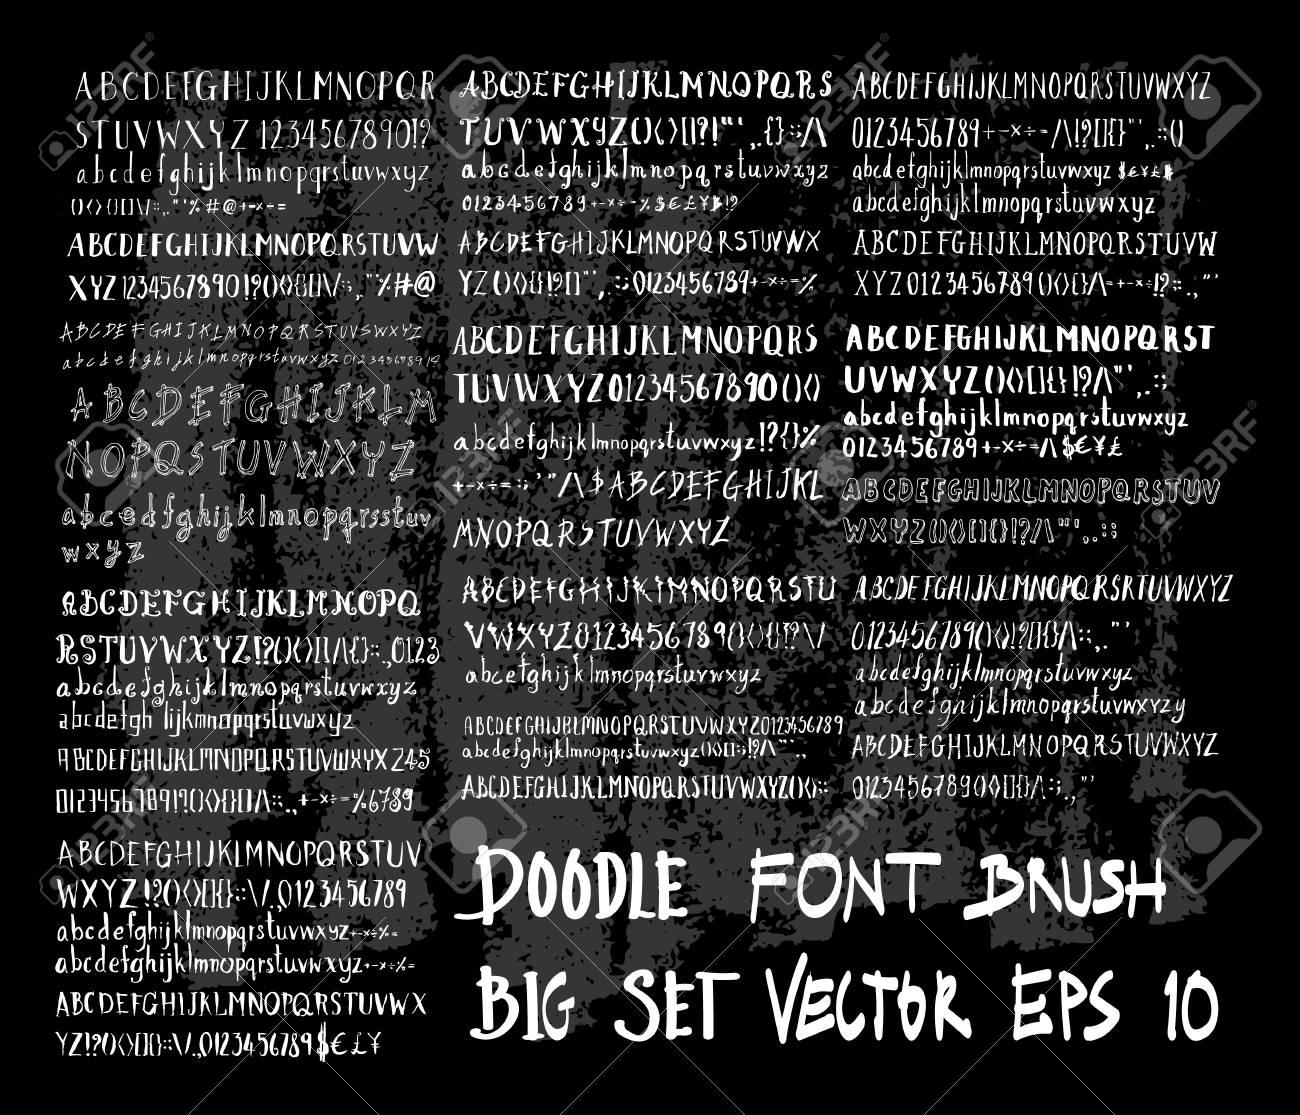 Hand drawn Sketch doodle vector font set on Chalkboard - 102218145